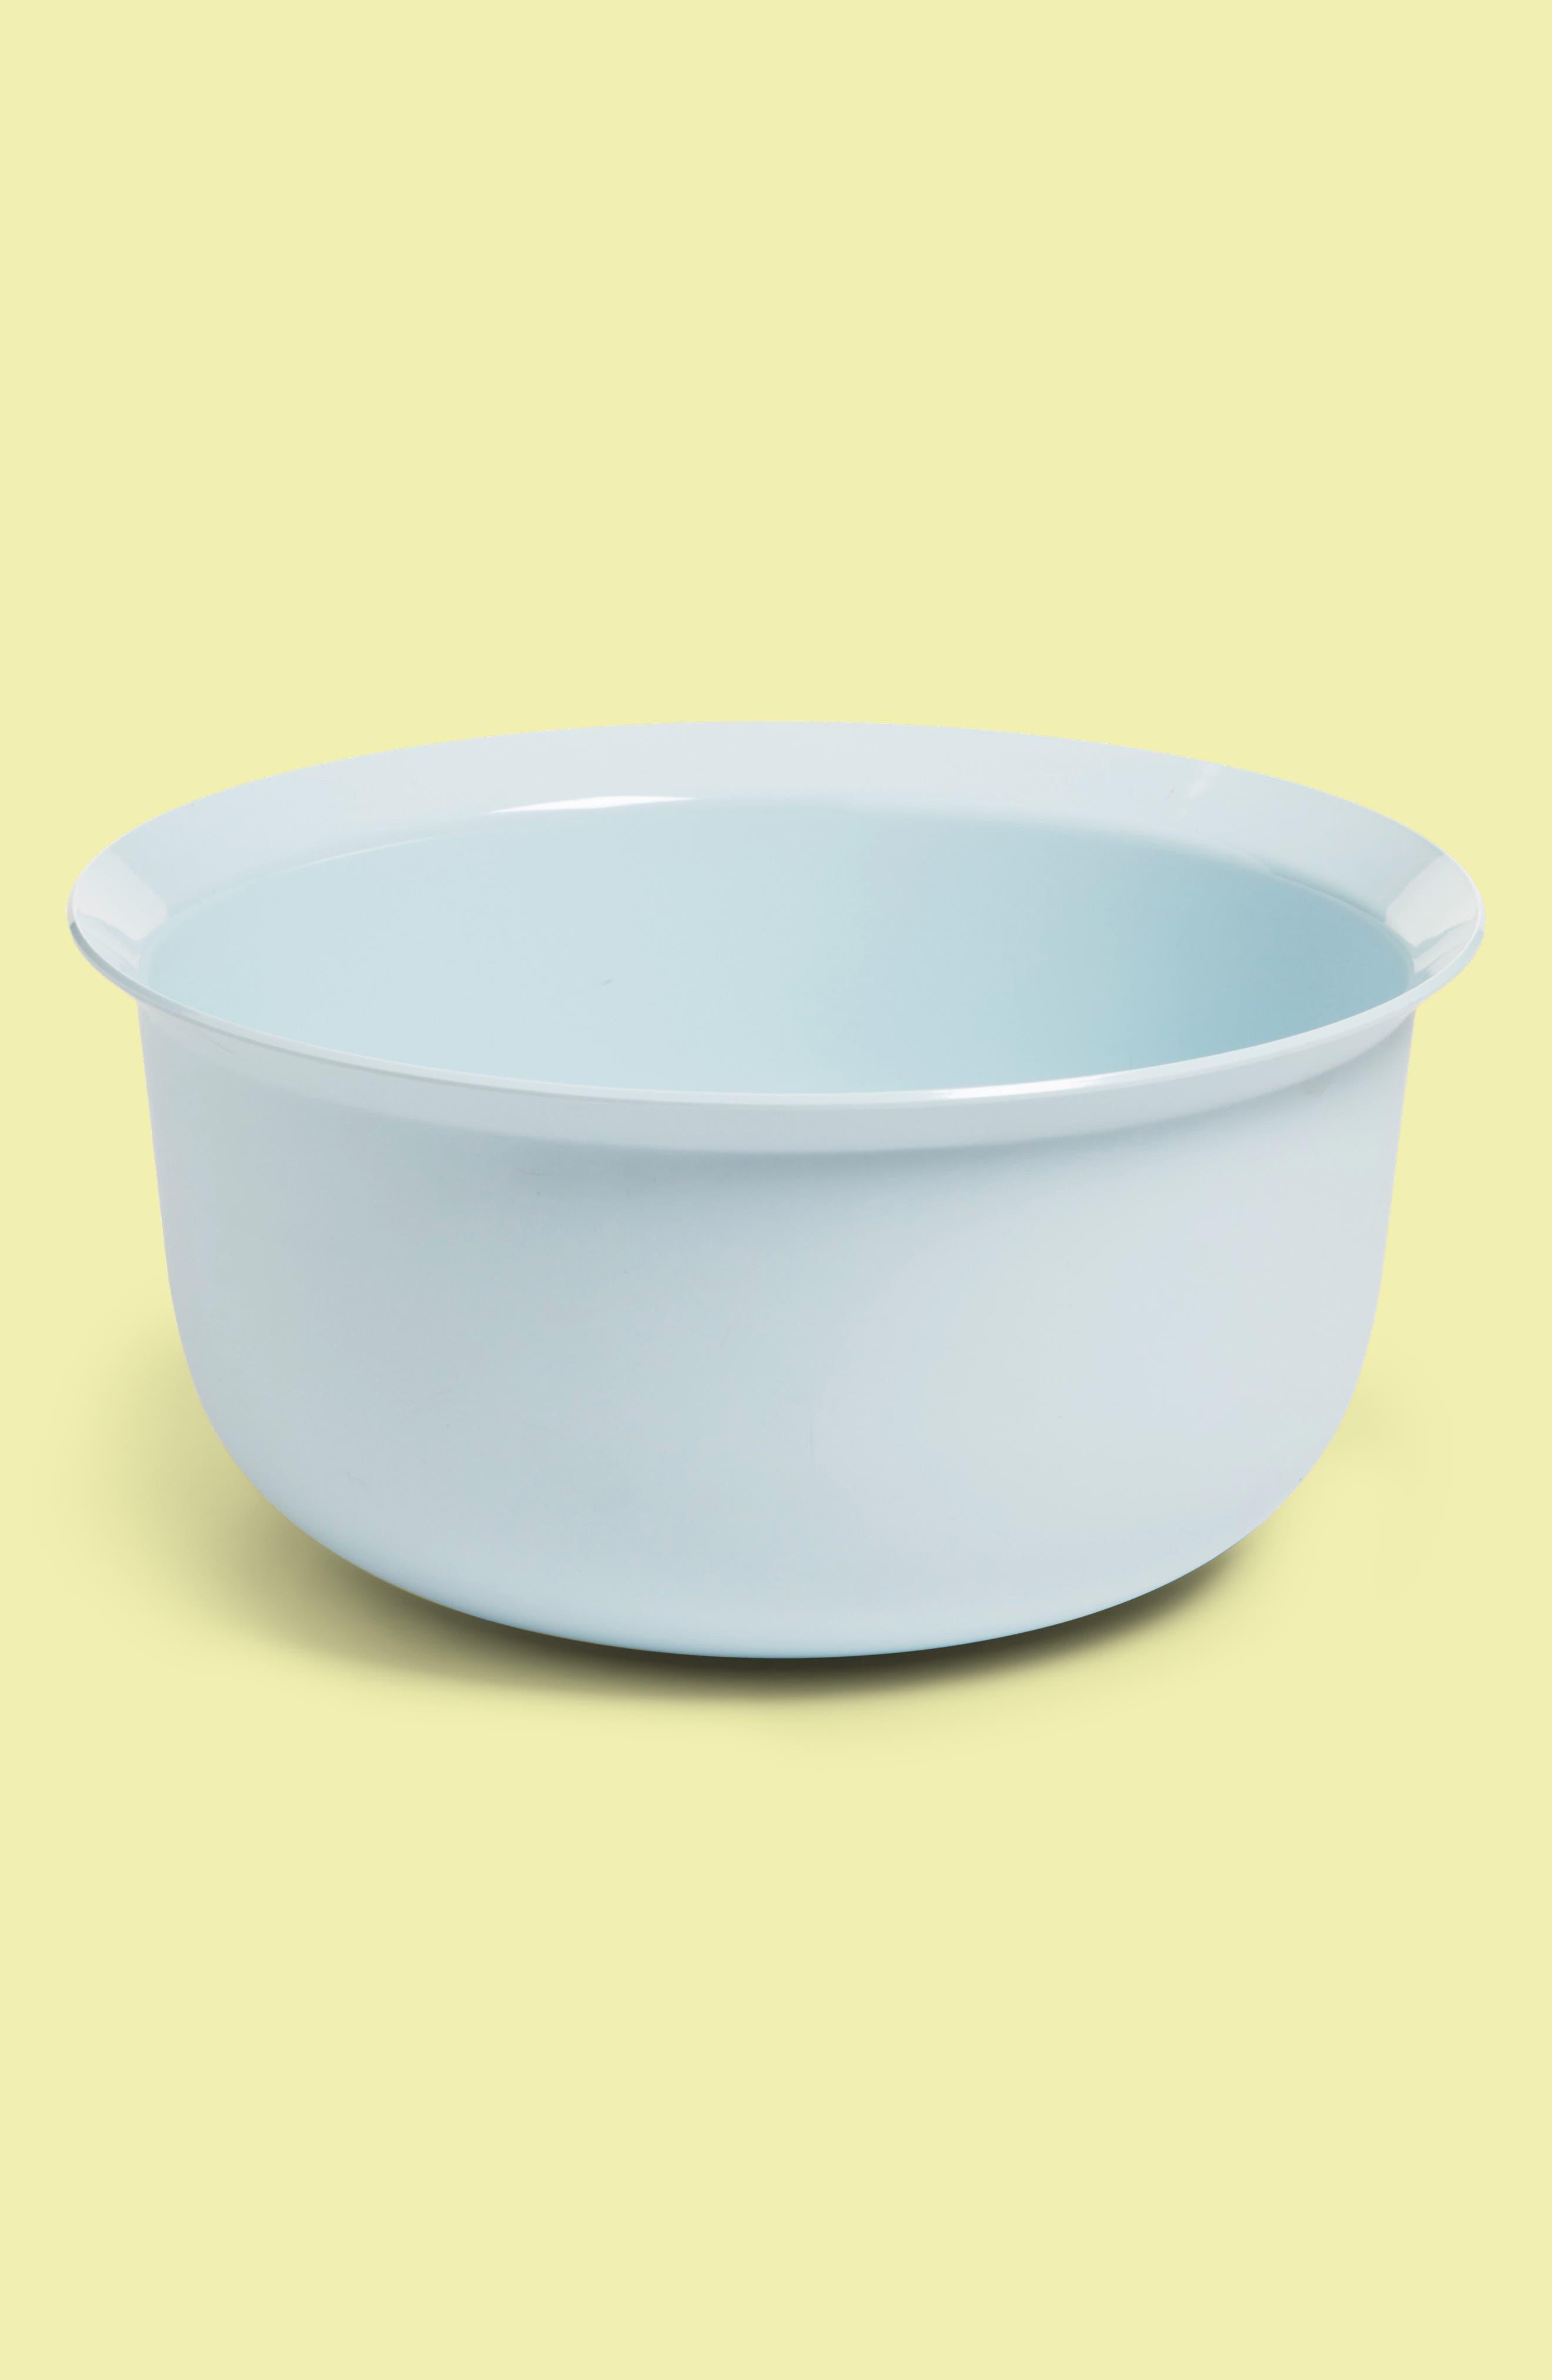 Rig-Tig Mix-It 3.5L Mixing Bowl,                             Main thumbnail 1, color,                             Light Blue